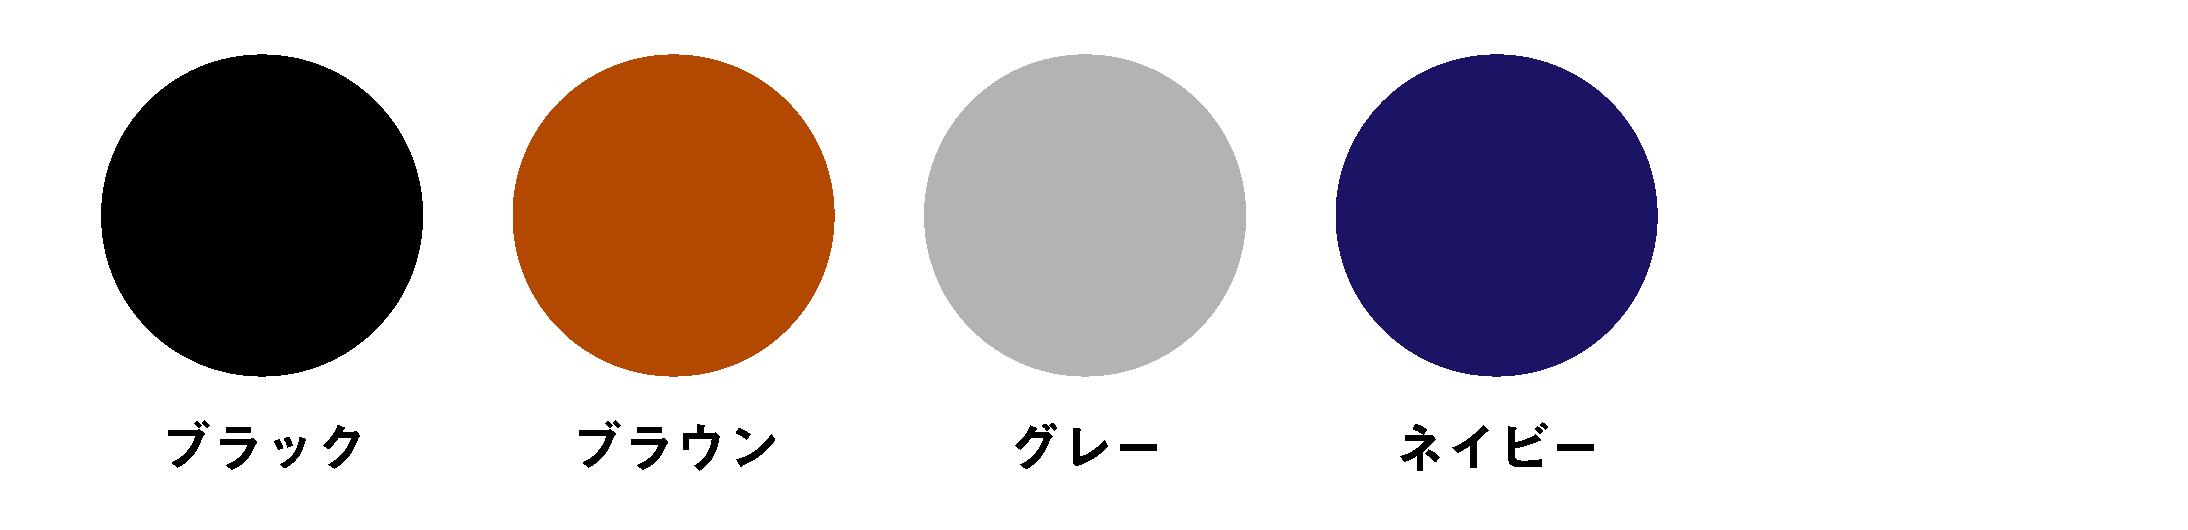 KF-013 カラーチップ